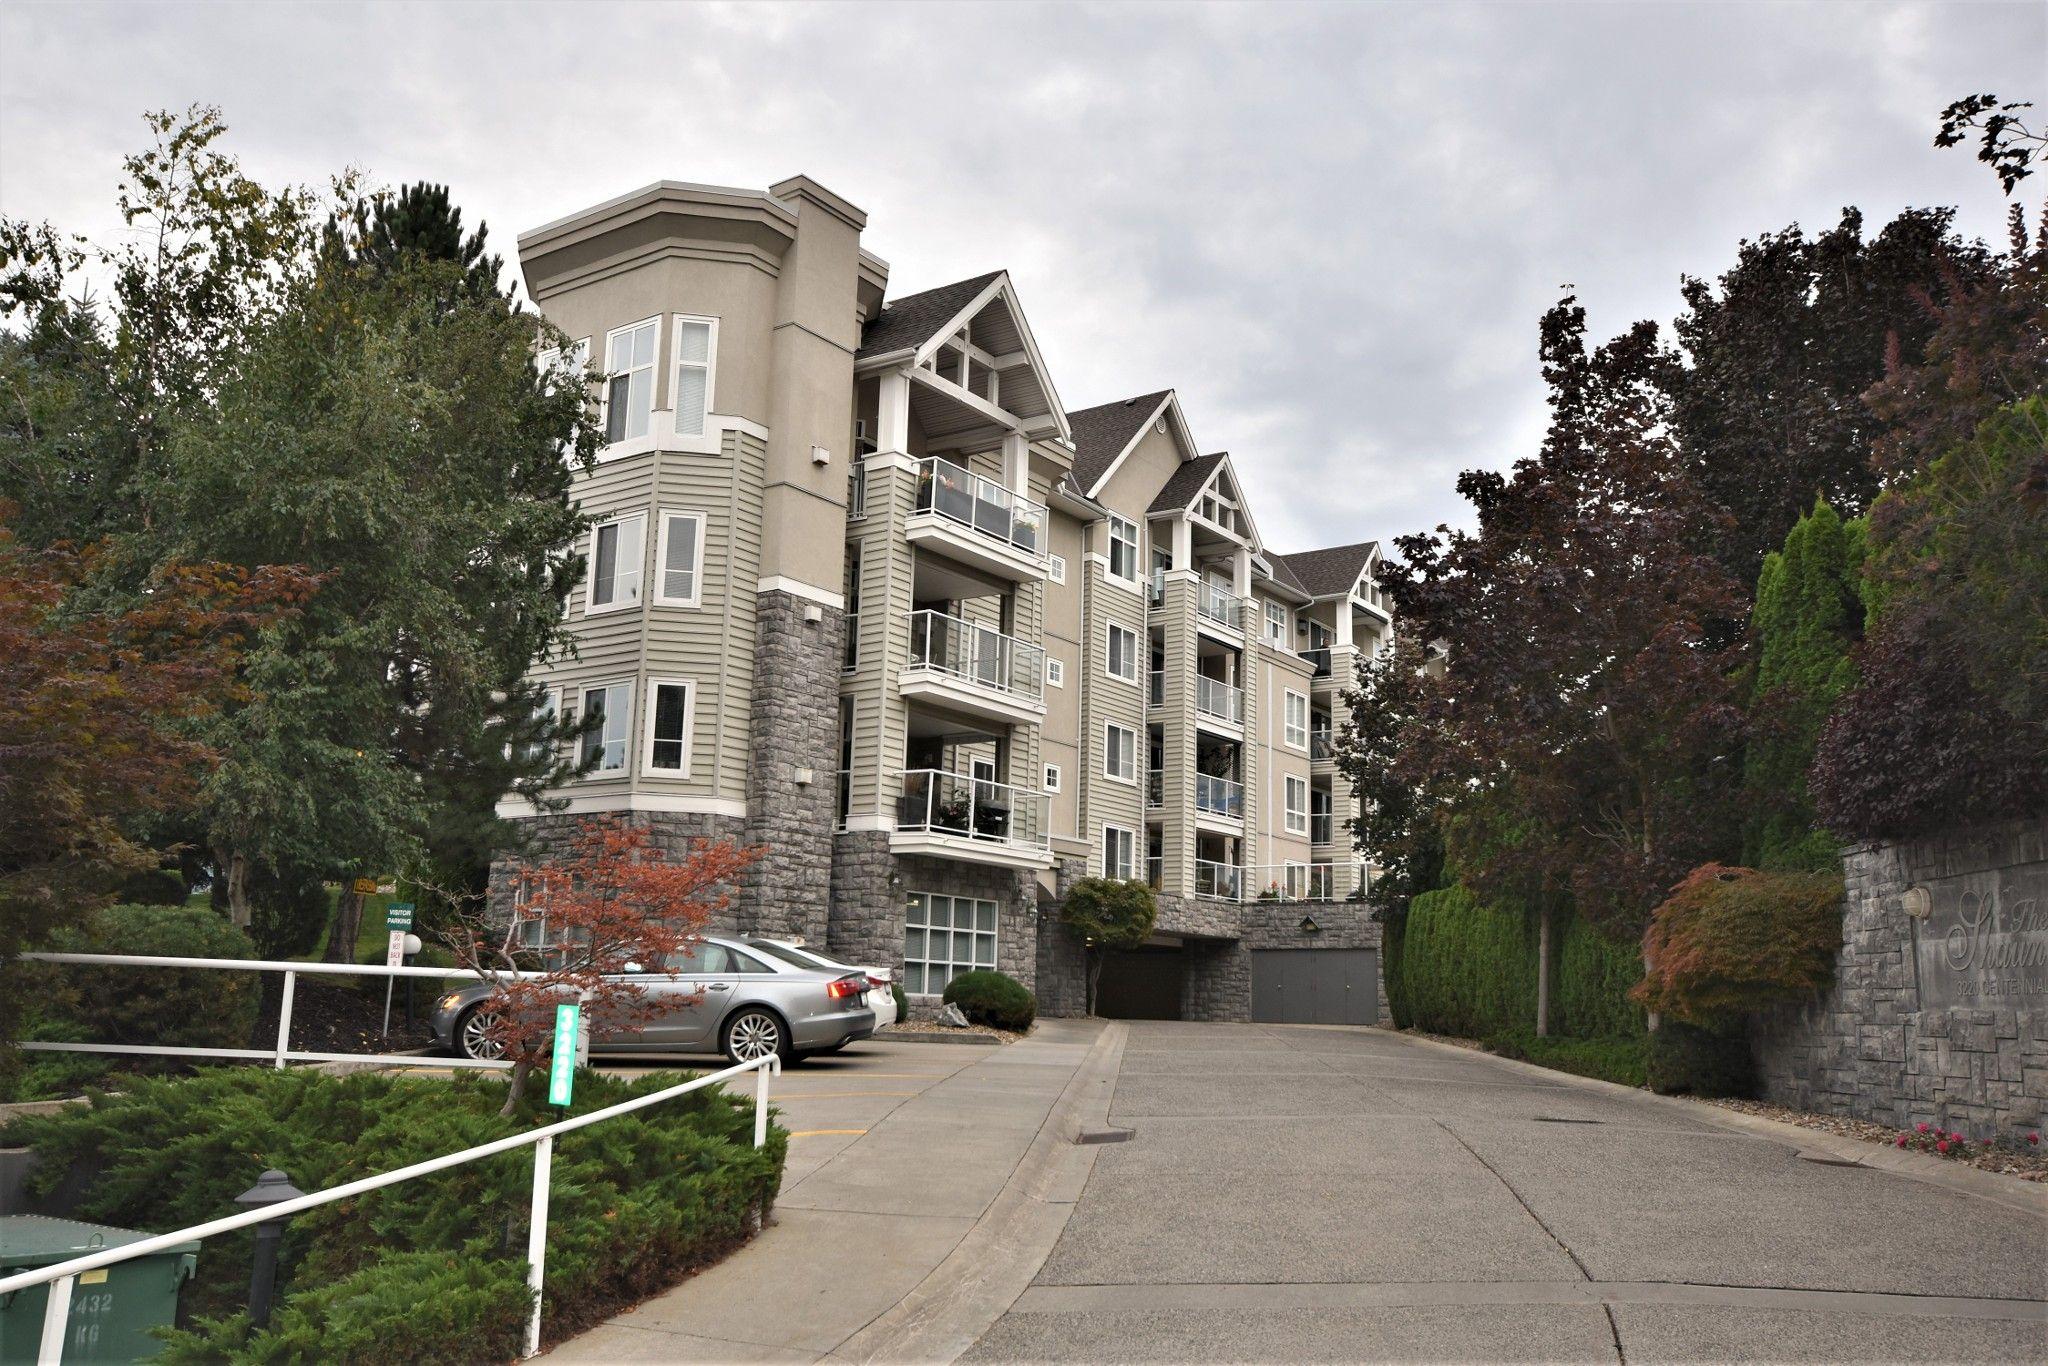 Main Photo: 303 3220 Centennial Drive in Vernon: City of Vernon House for sale (North Okanagan)  : MLS®# 10190527